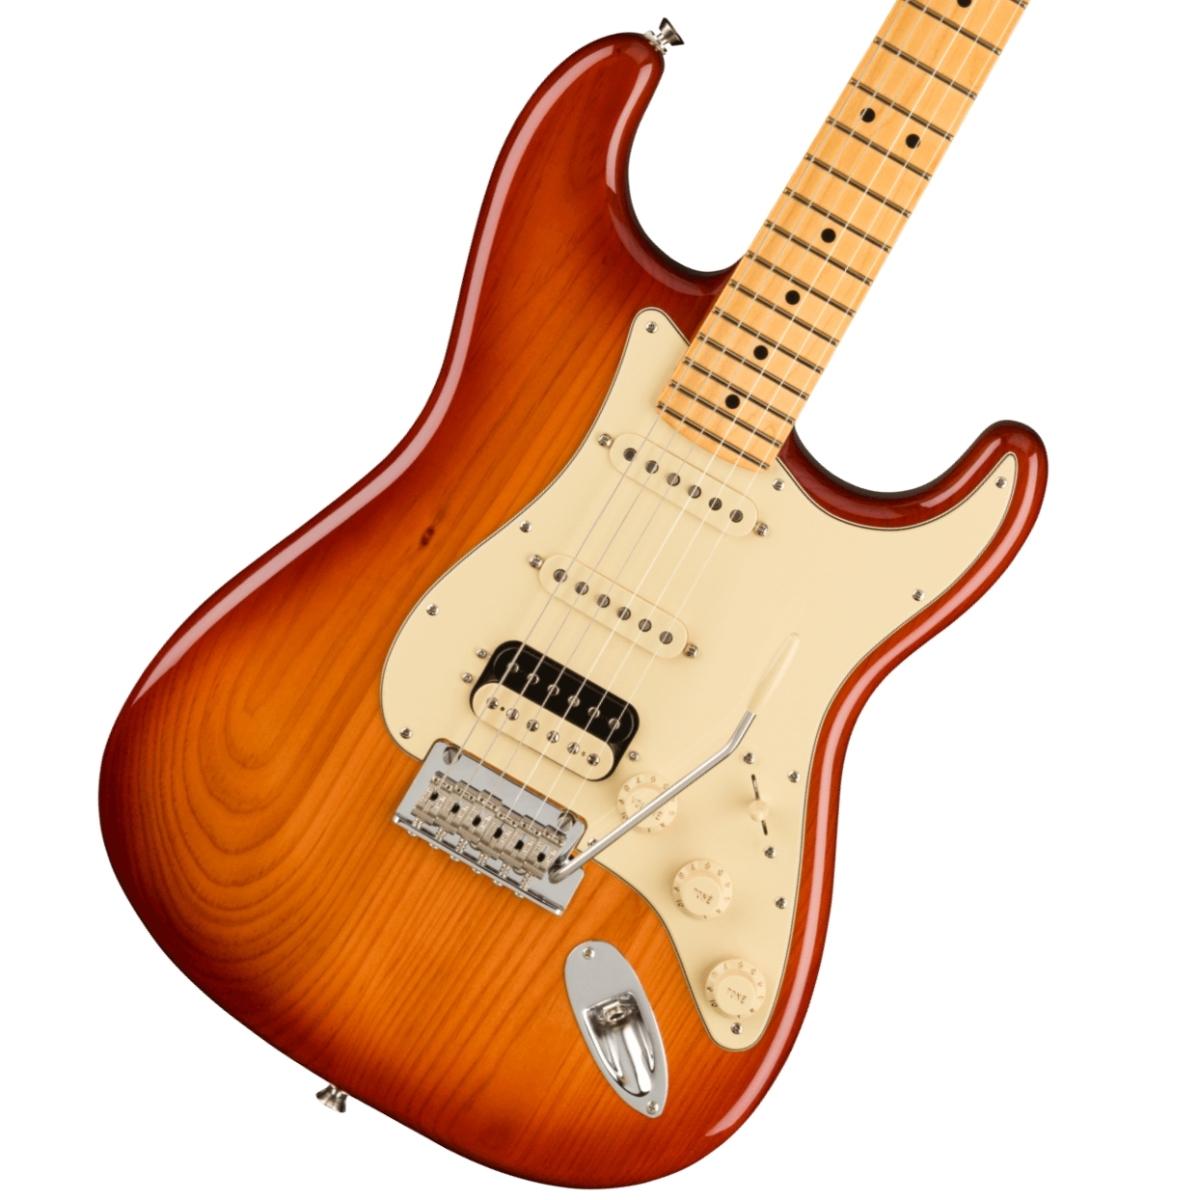 【保障できる】 Fender/ American Professional II Stratocaster HSS Maple Fingerboard Sienna Sunburst フェンダー《純正ケーブル&ピック1ダースプレゼント!/+2306619444005》【YRK】《予約注文/納期別途ご案内》, ロッソエブルー 4c285db2